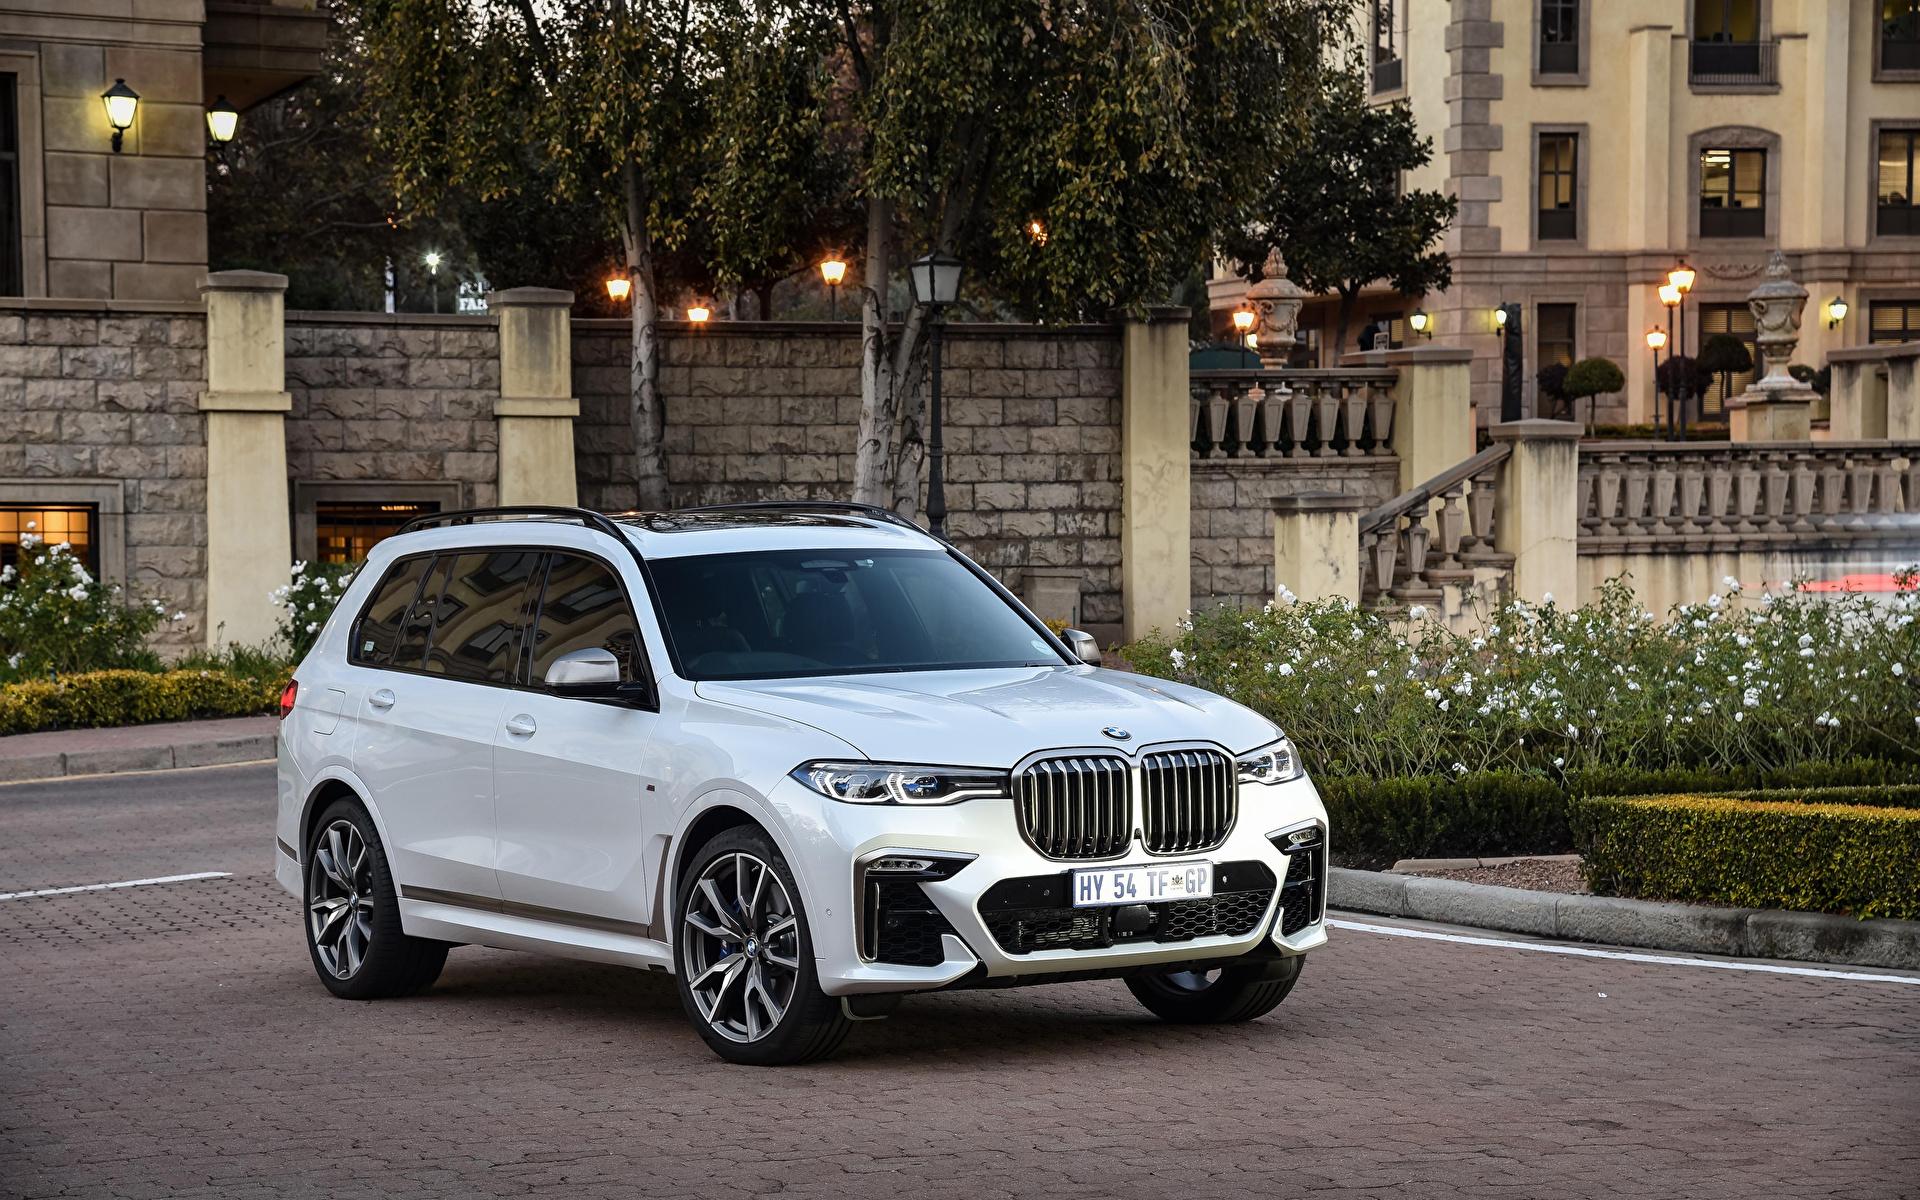 Картинка BMW Кроссовер 2019 X7 M50d Белый машина Металлик 1920x1200 БМВ CUV белая белые белых авто машины Автомобили автомобиль